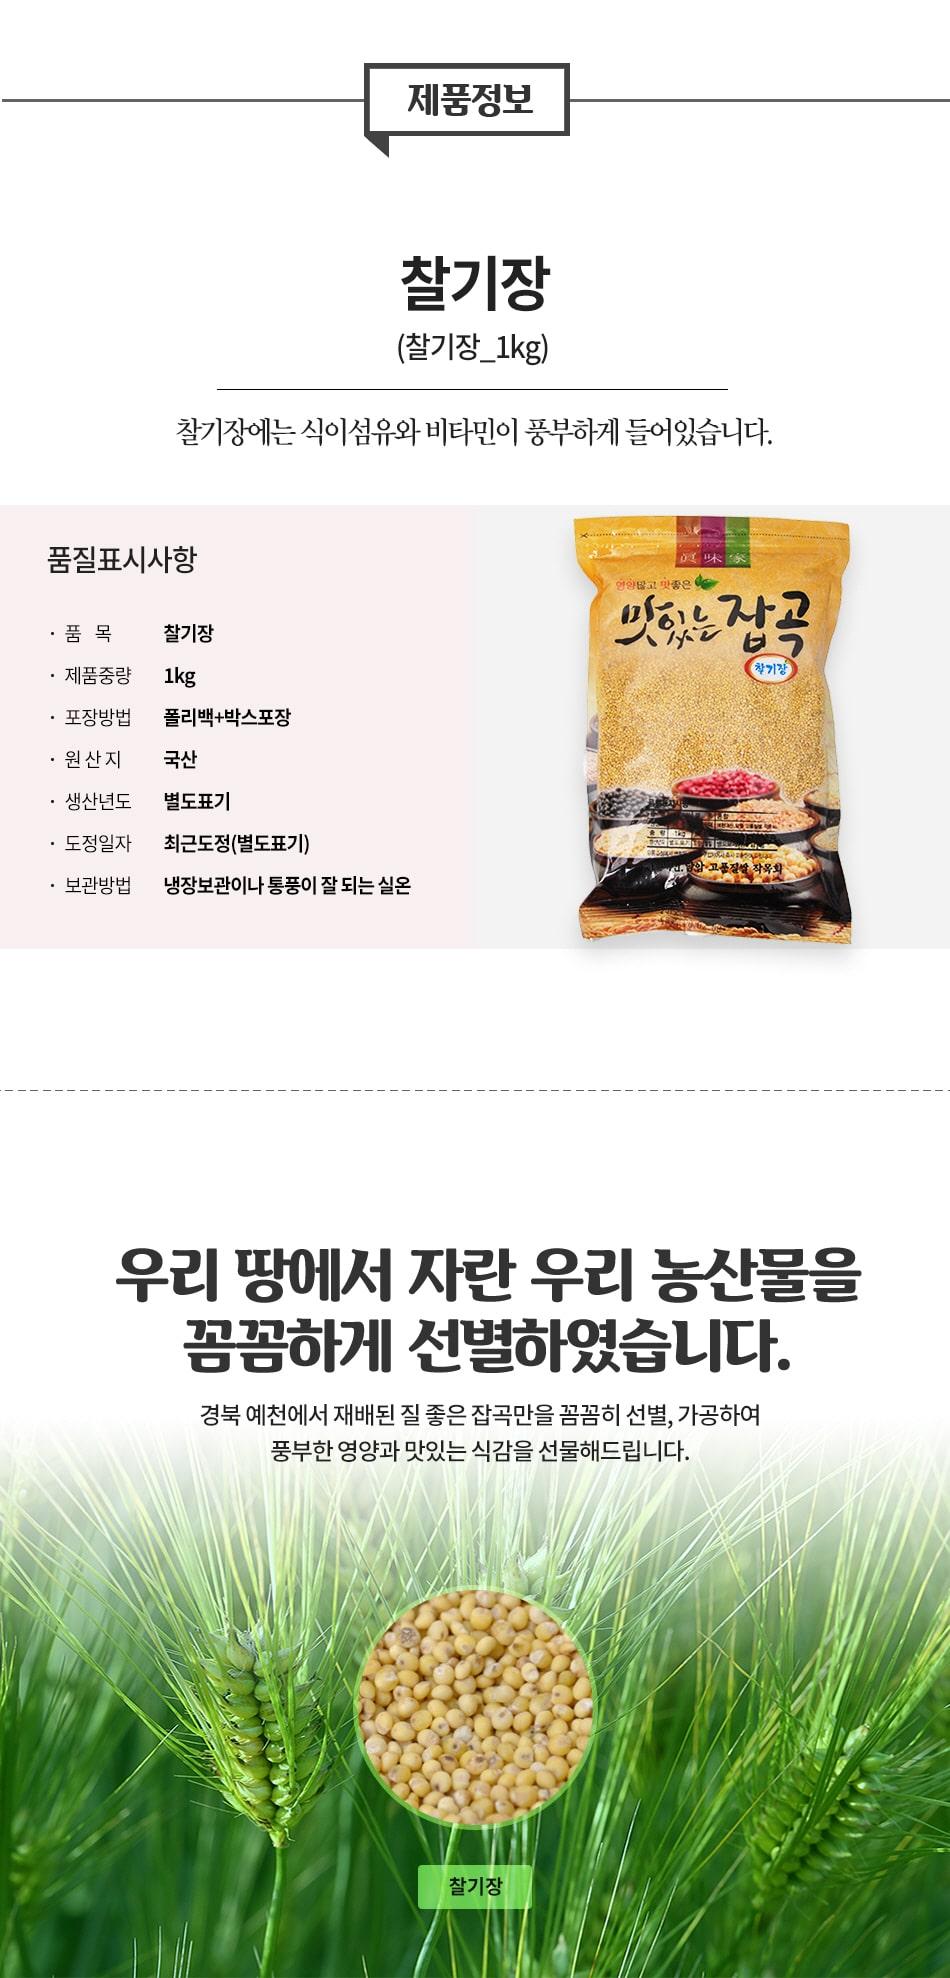 23잡곡_찰기장1kg.jpg